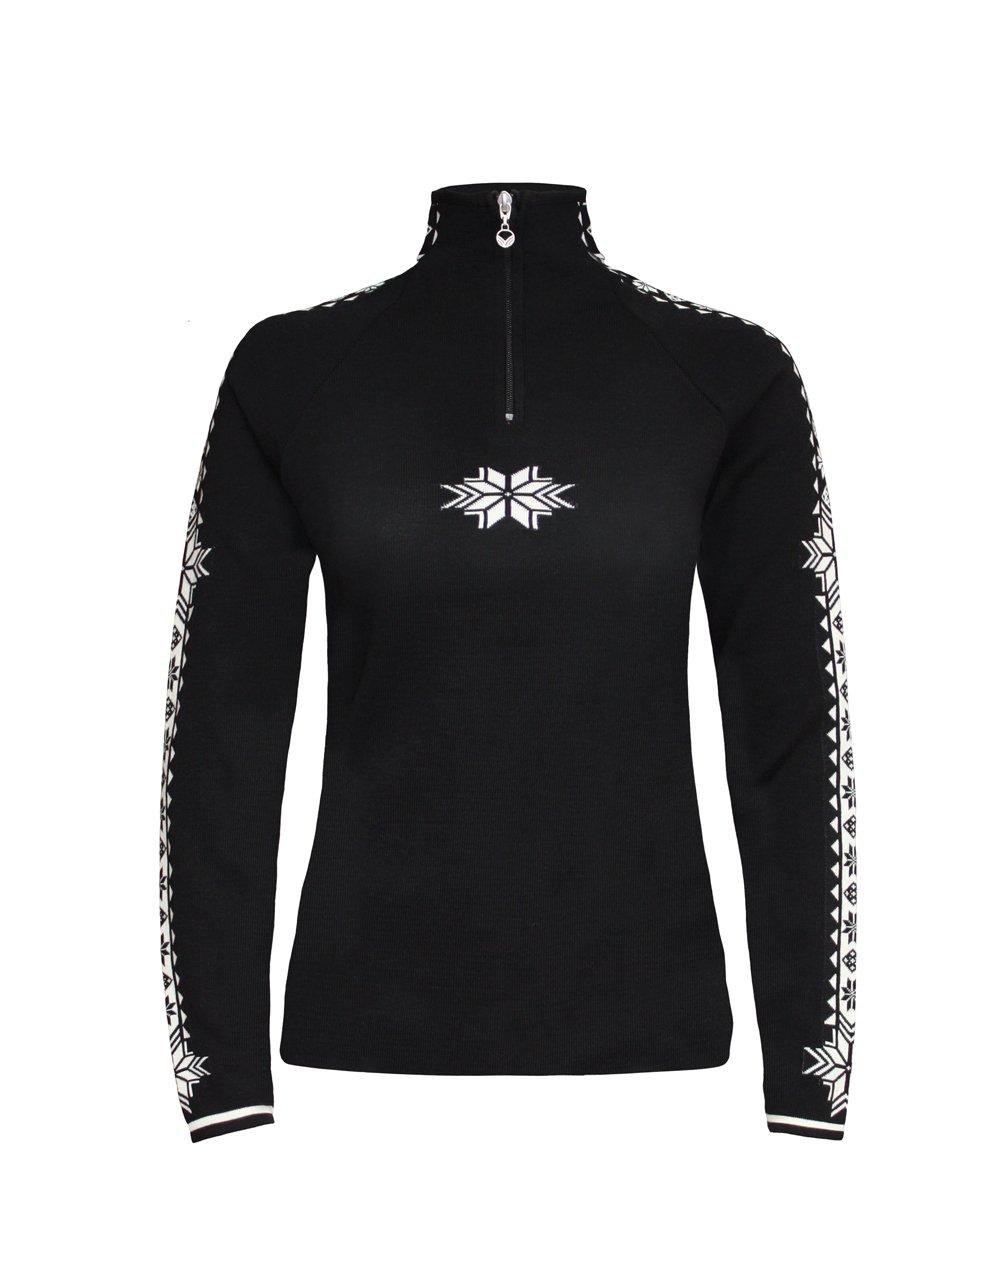 Dale of Norway Women's Geilo Sweater